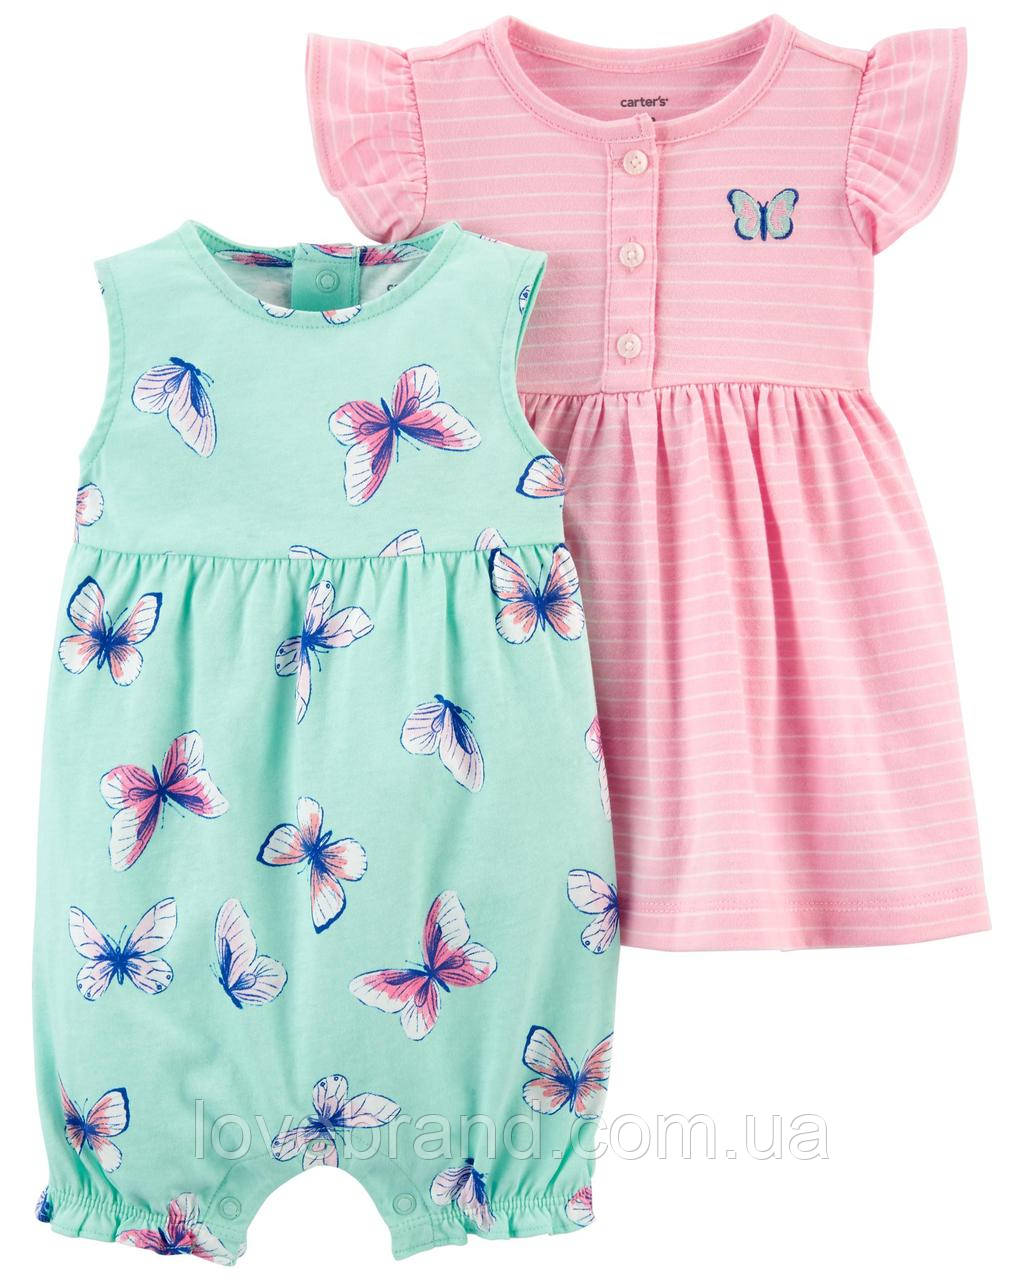 """Летний набор  """"Бабочки"""" Carter's для девочки, песочник и сарафанчик картерс"""